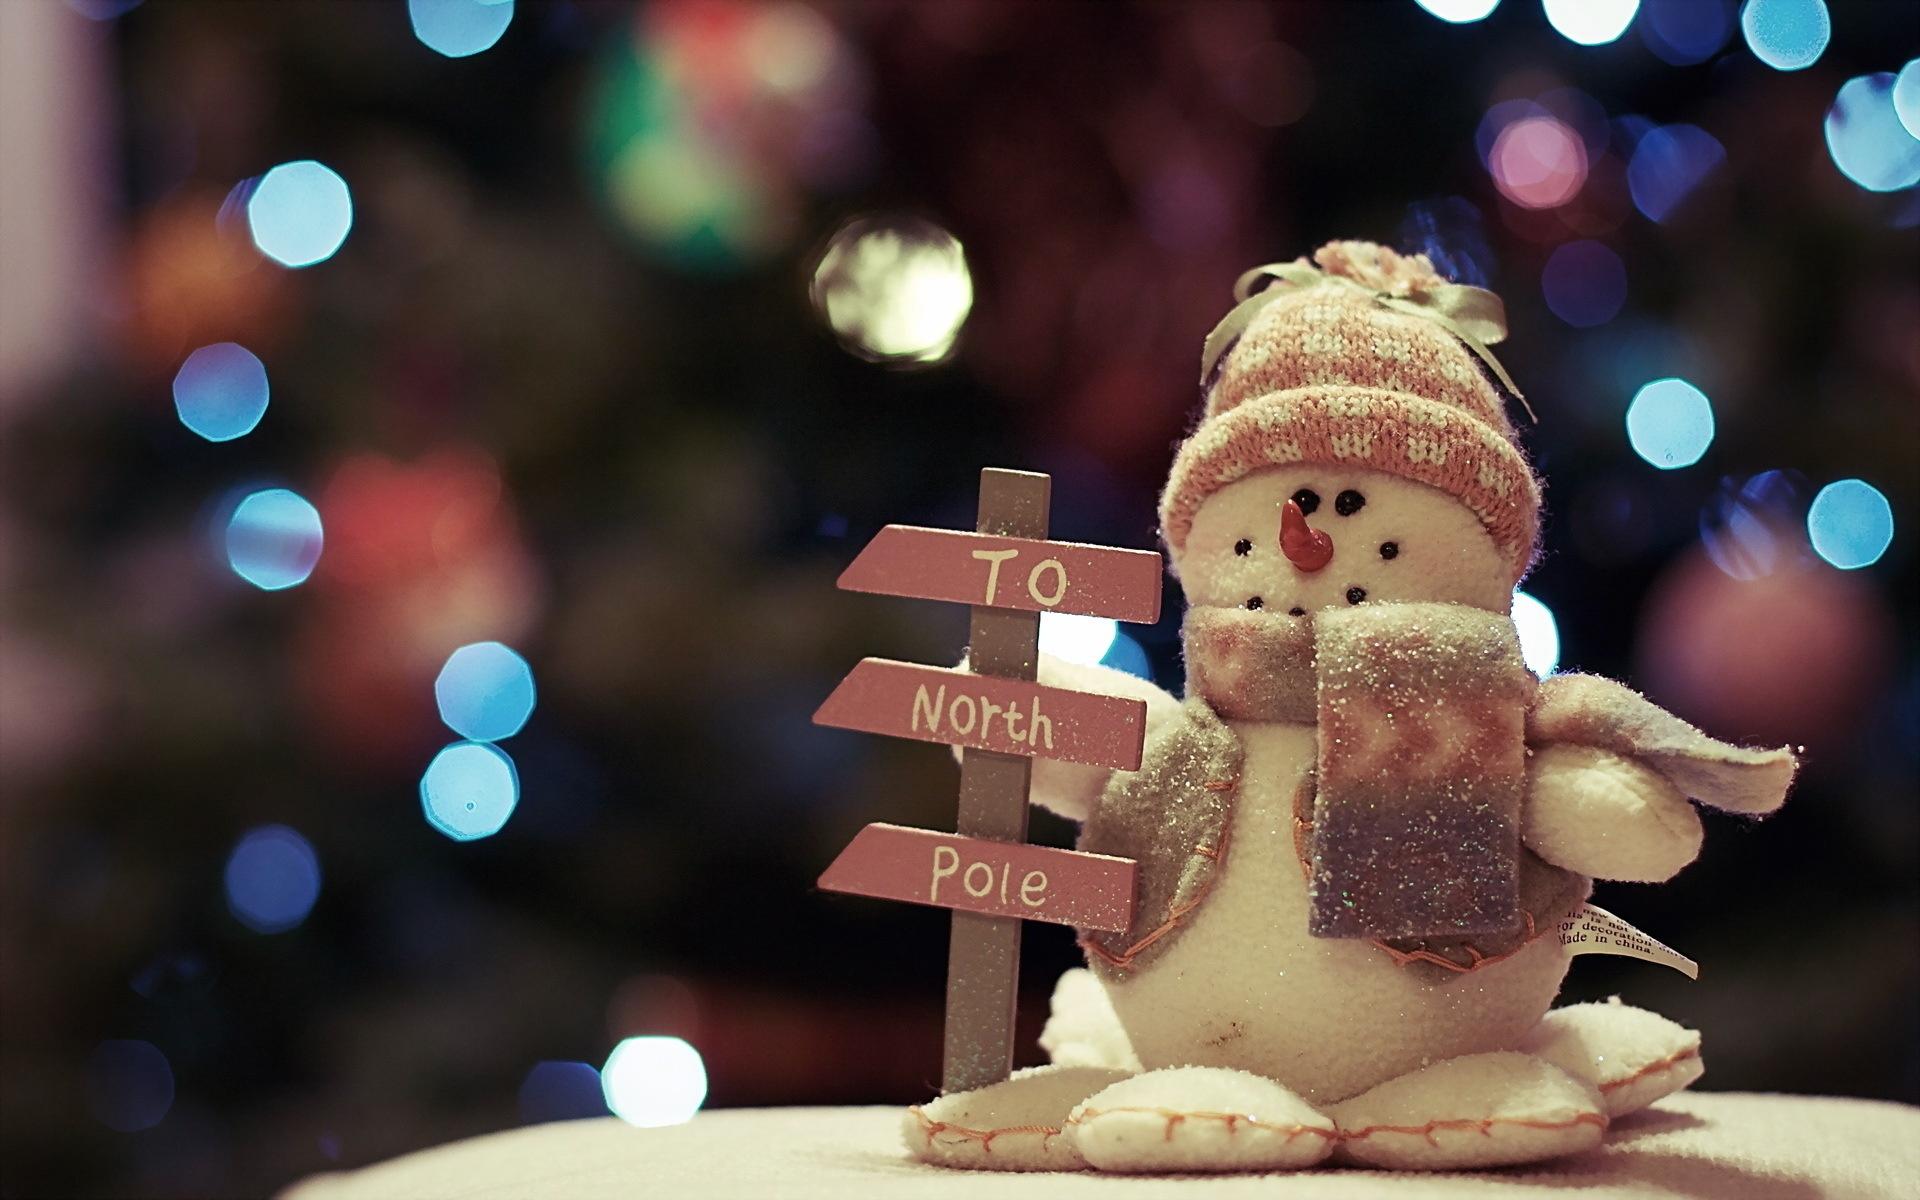 блюдо картинки на телефон про новый год мандалу для